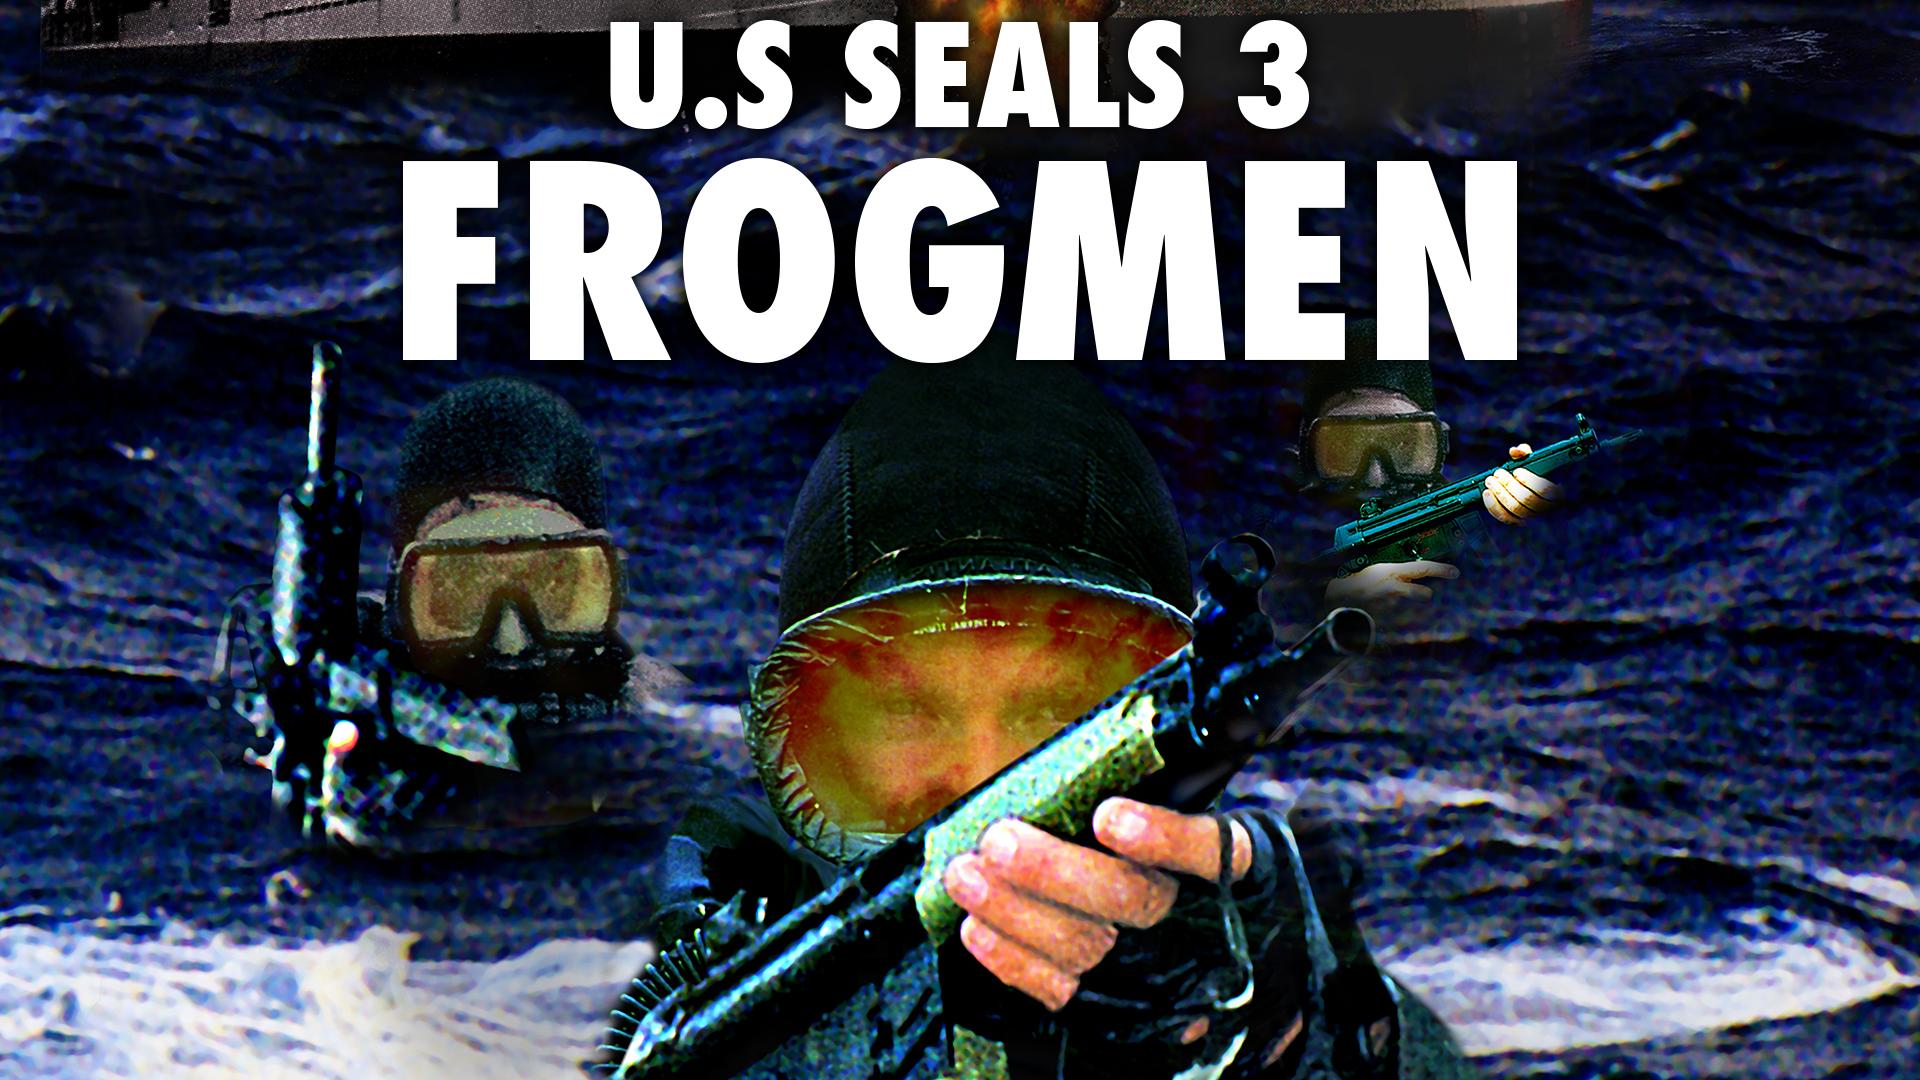 U.S. Seals 3: Frogmen